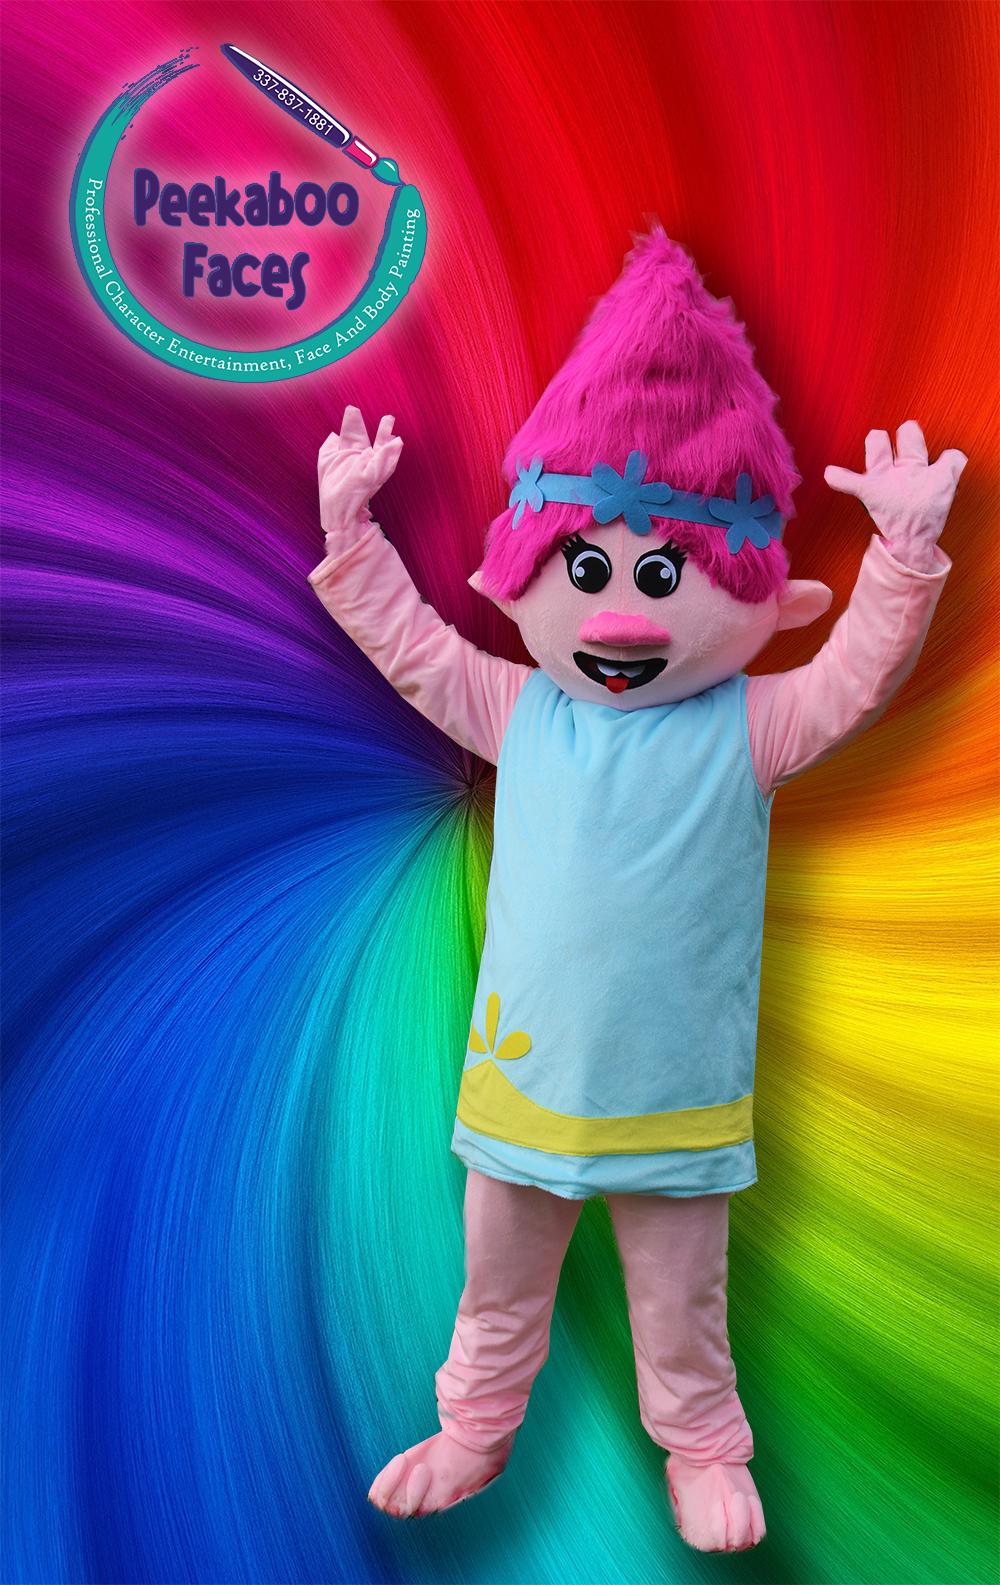 Mascot Poppy